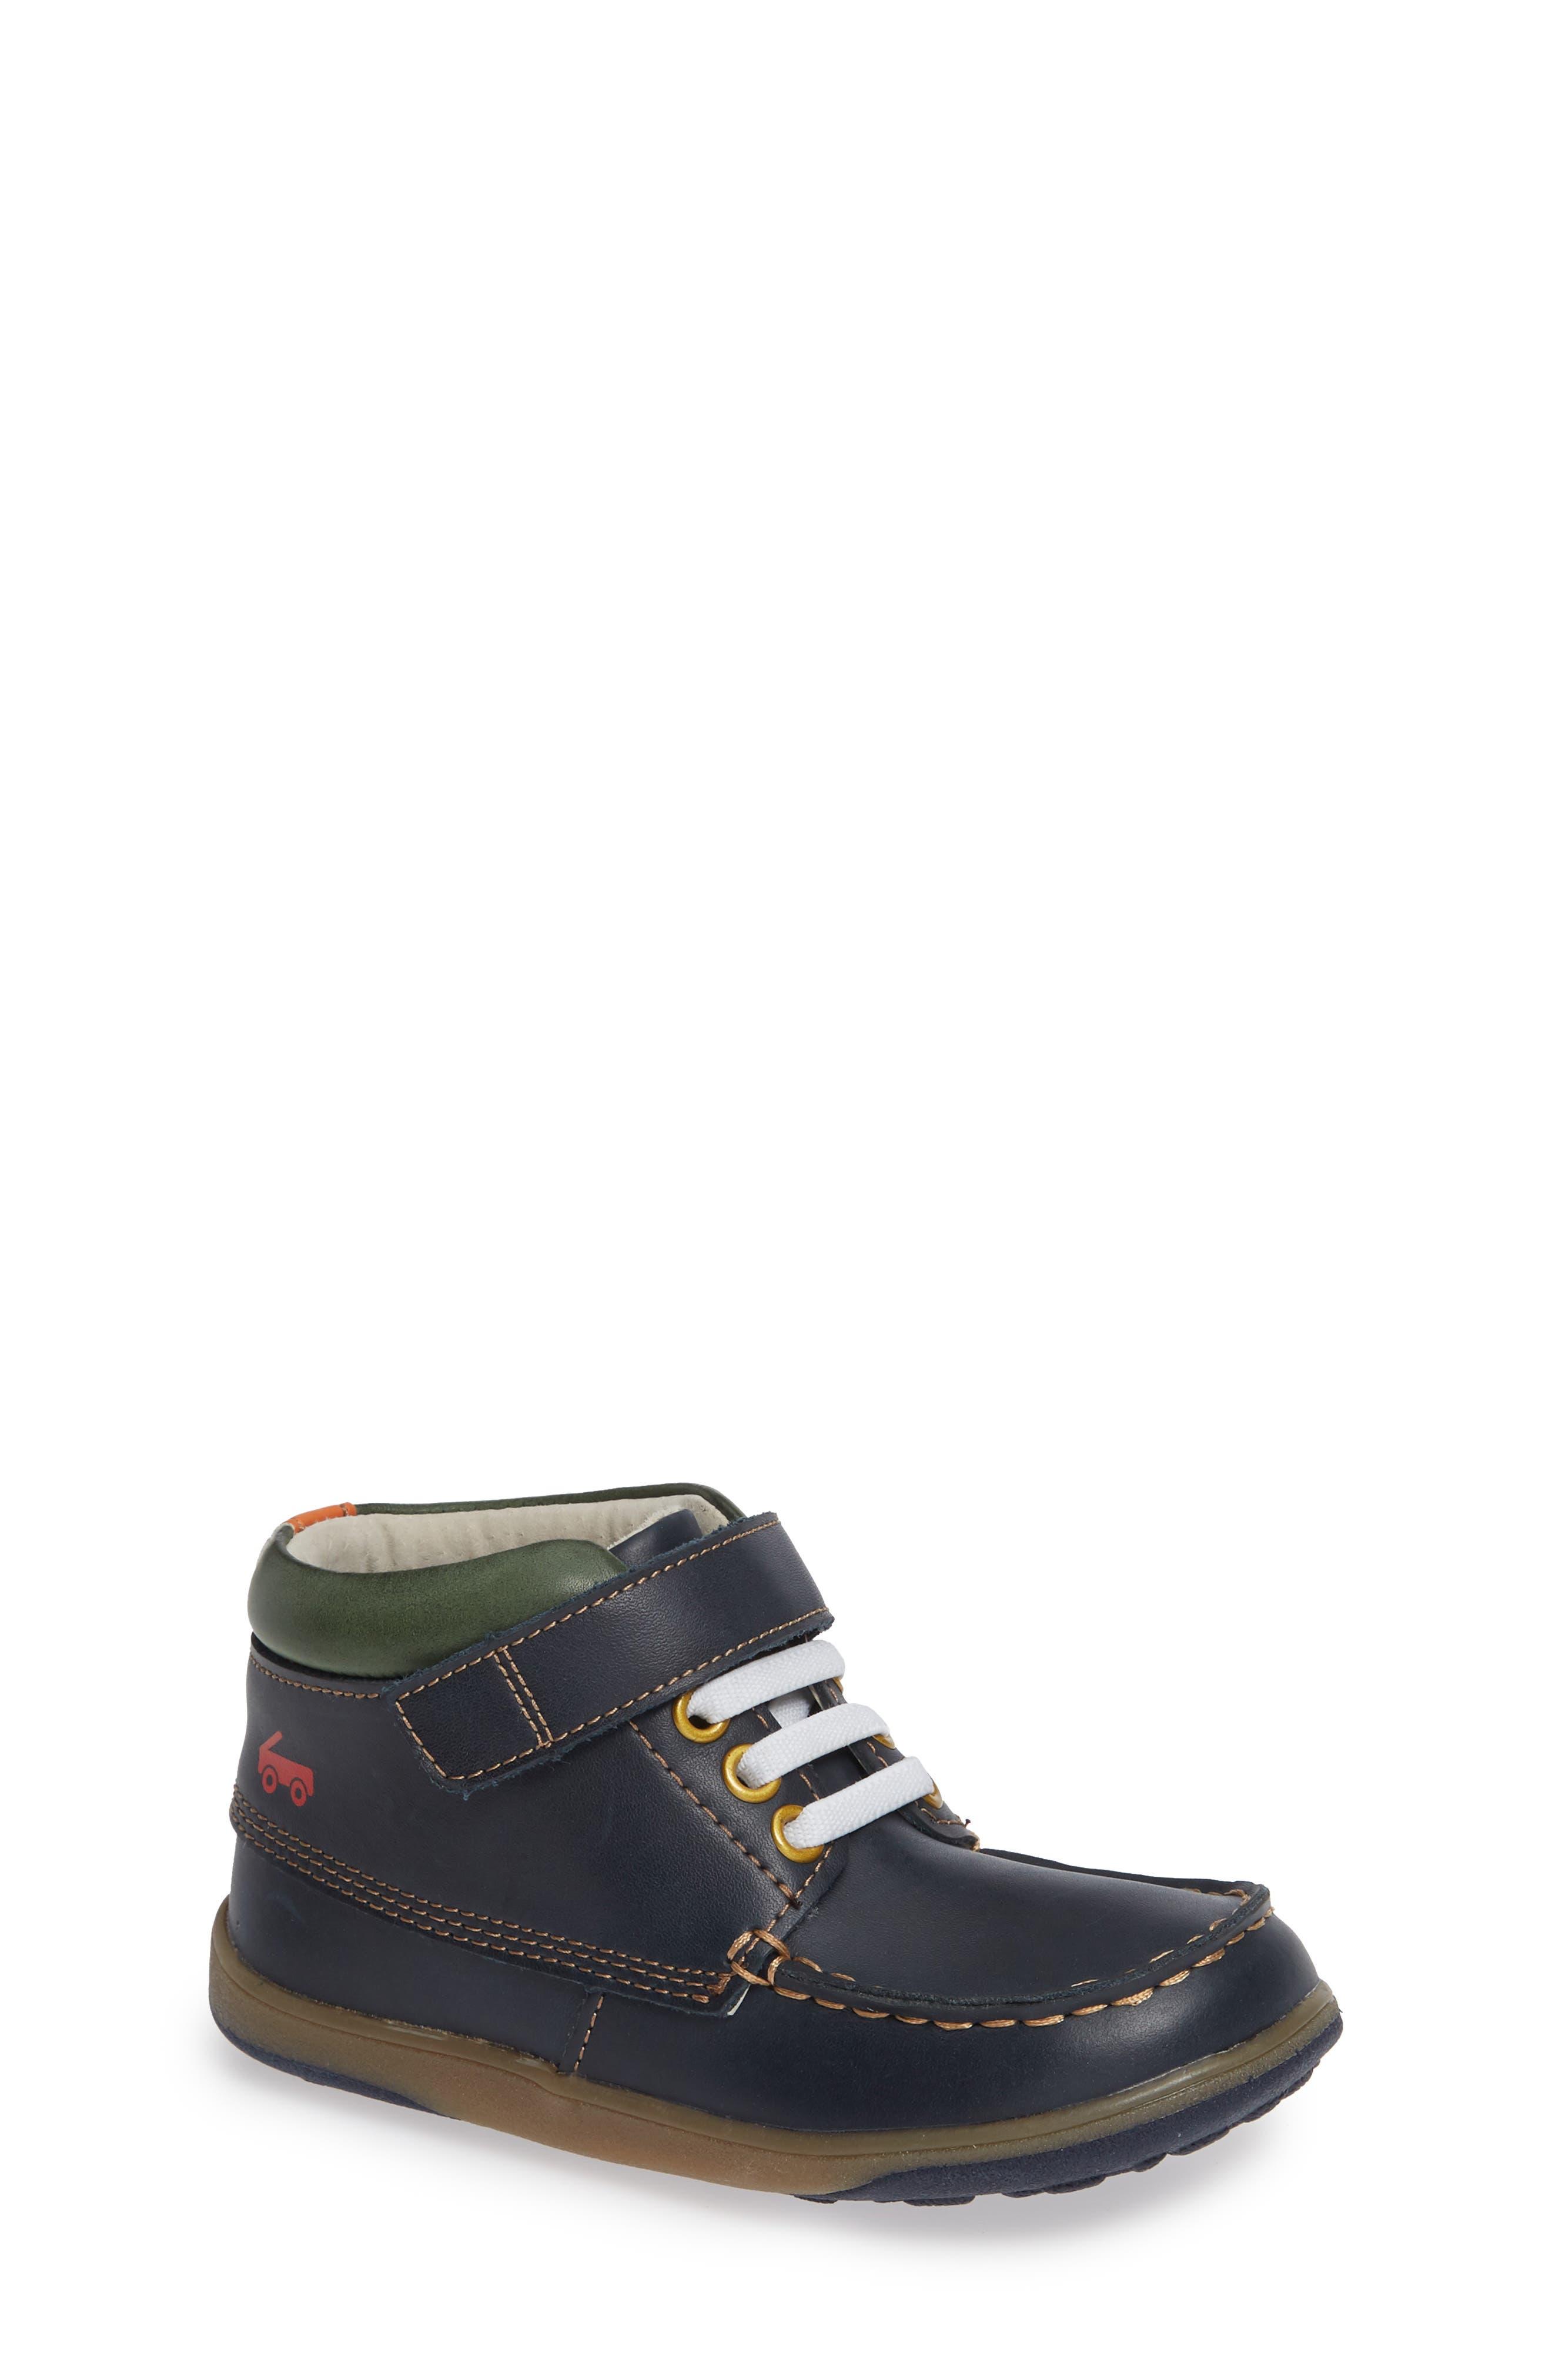 Owen High Top Sneaker Bootie,                         Main,                         color, NAVY